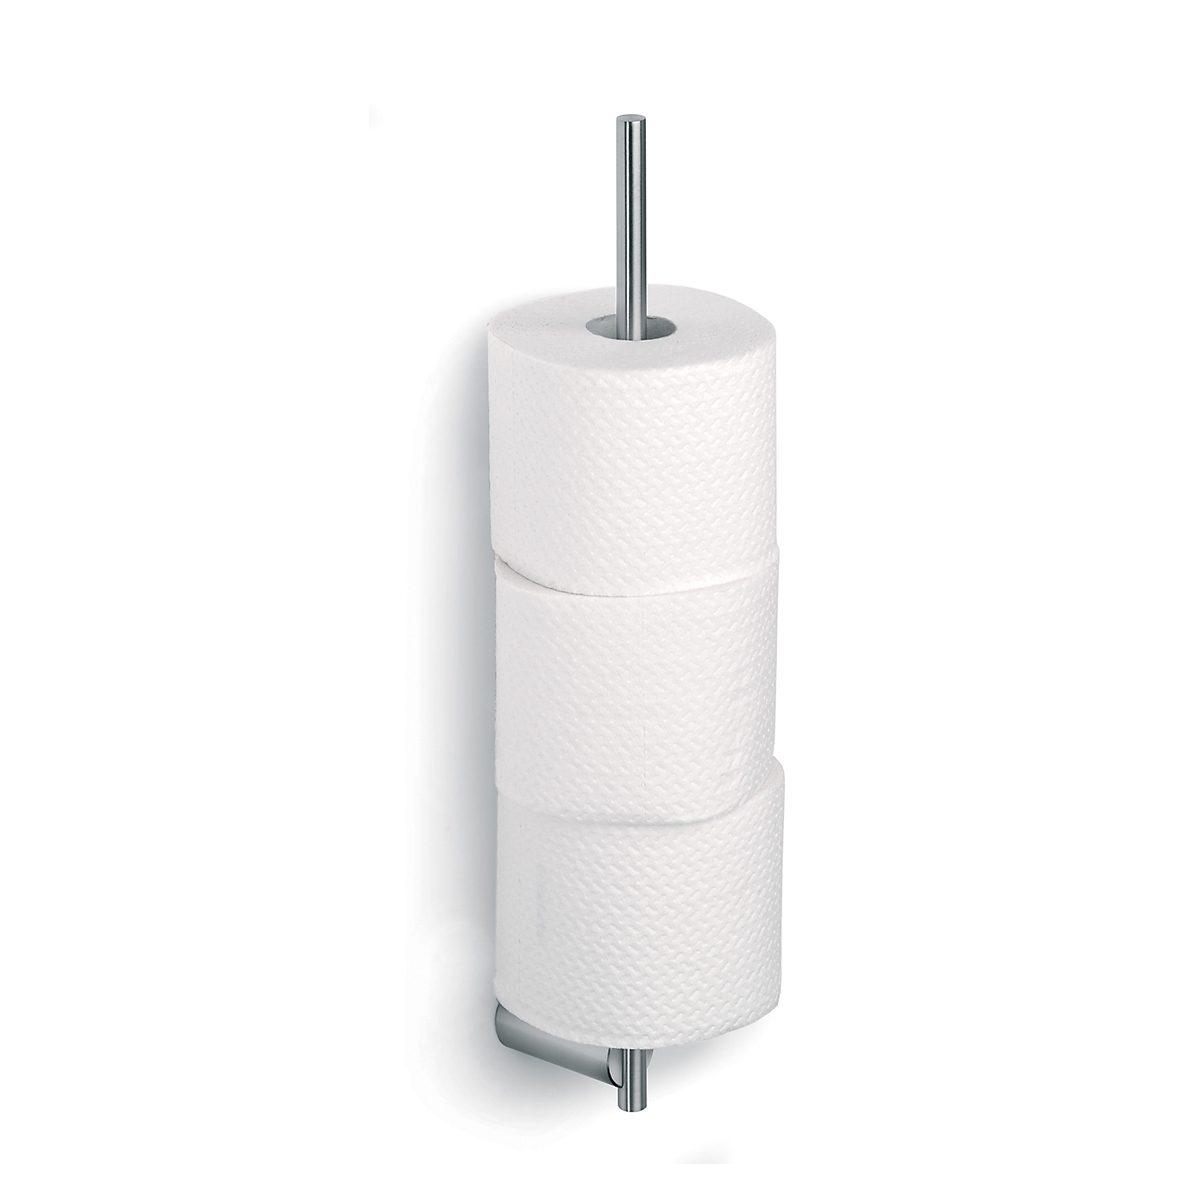 BLOMUS Blomus WC-Rollenhalter DUO mit Wandhalter